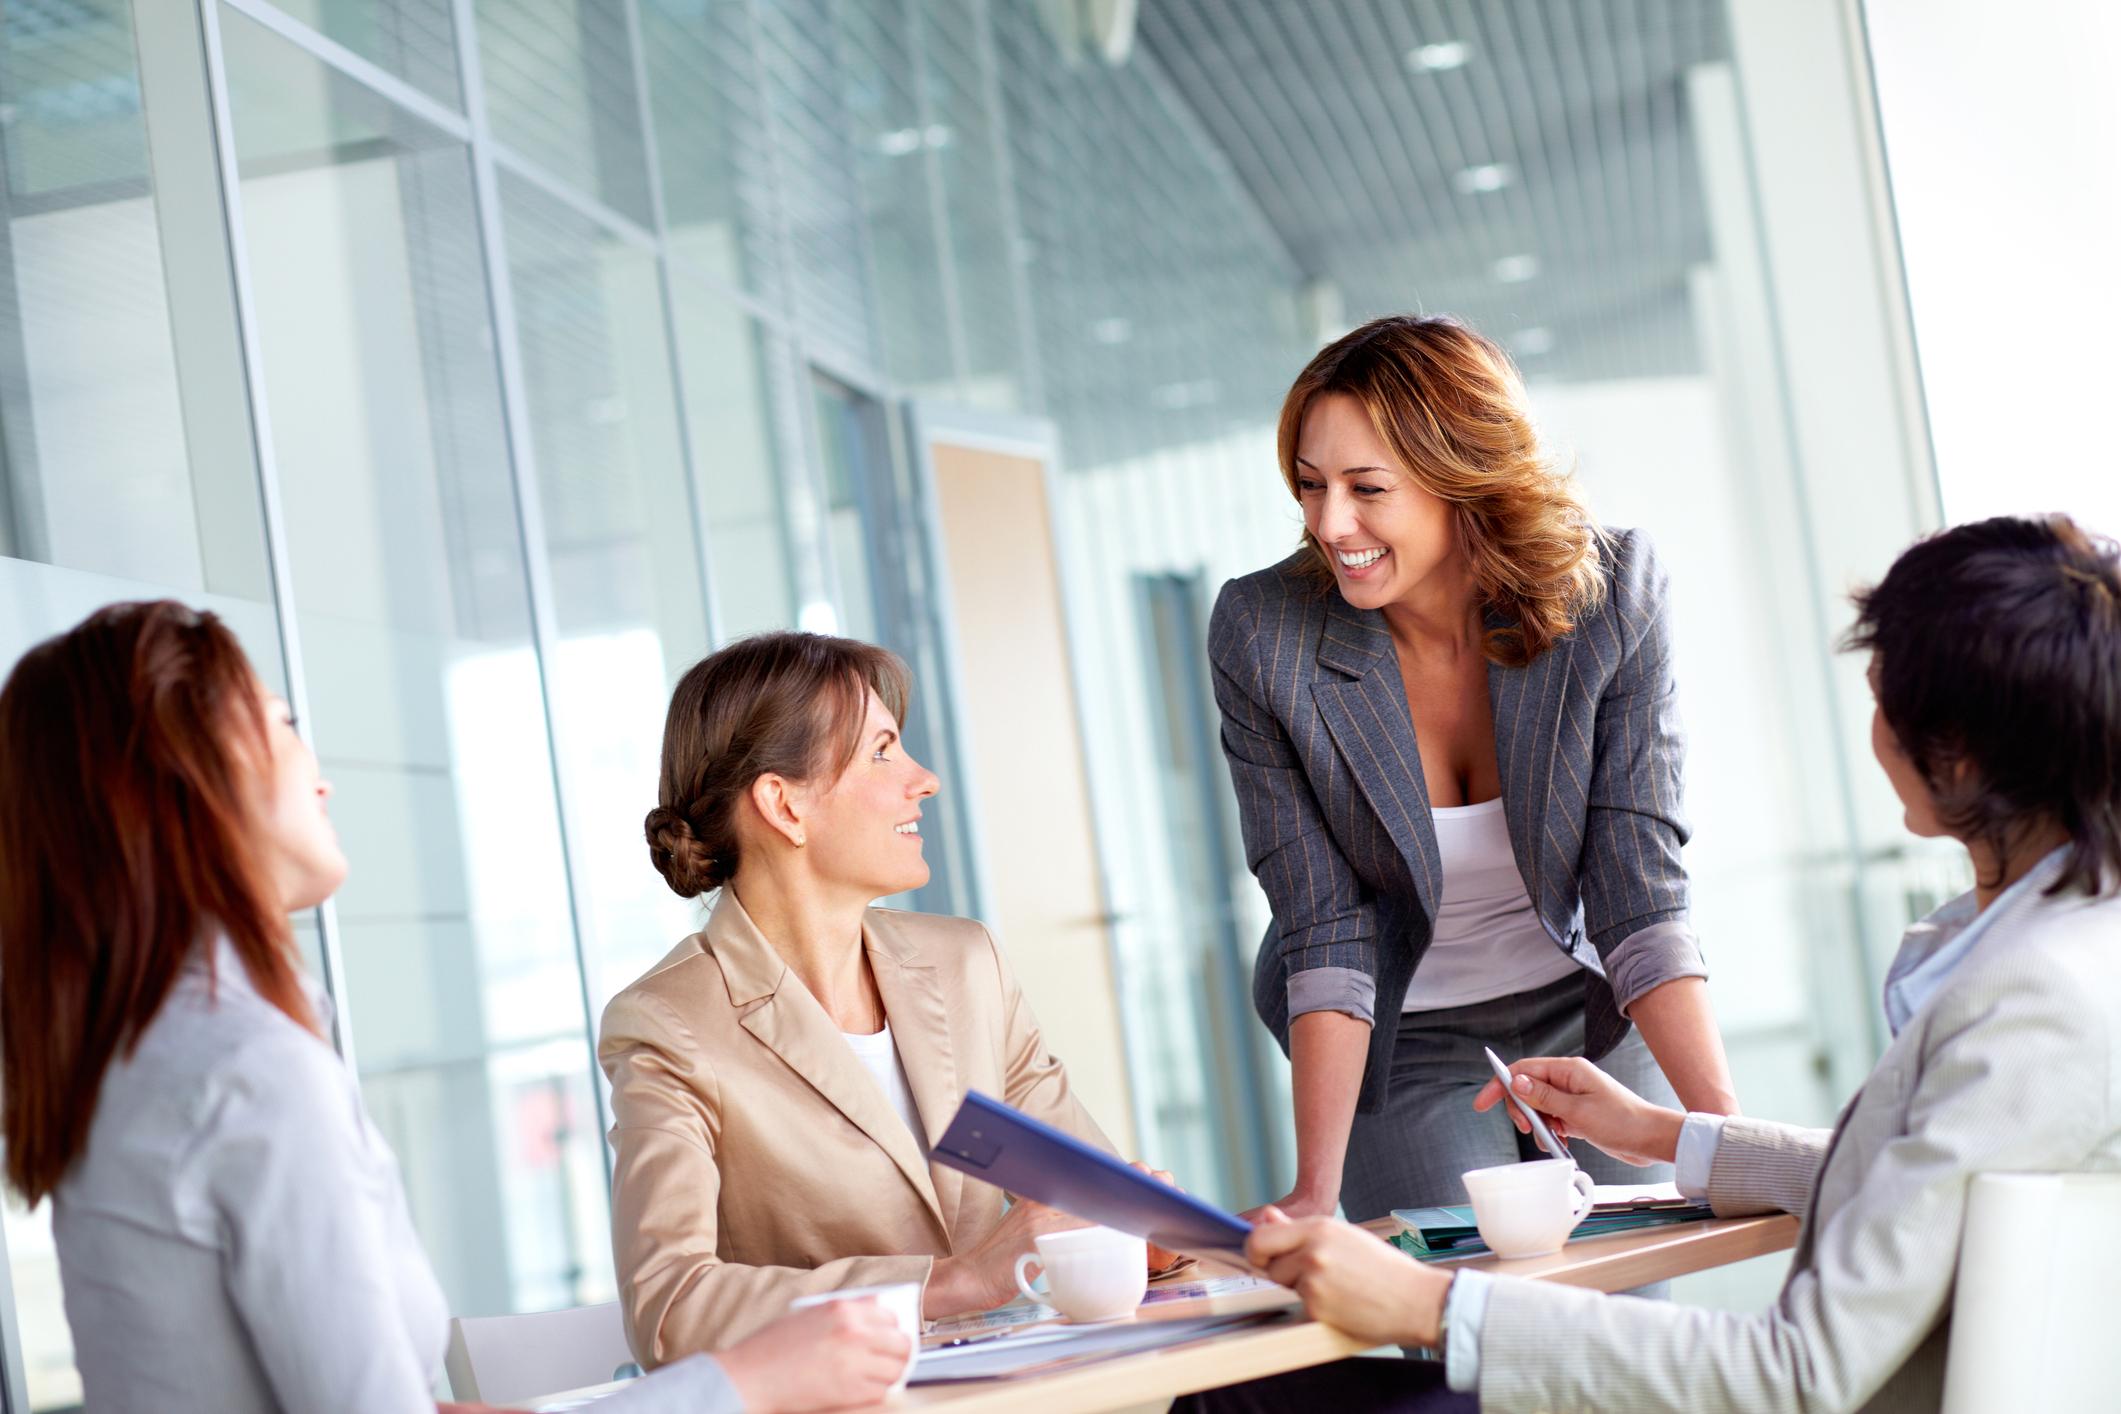 Business women.jpg